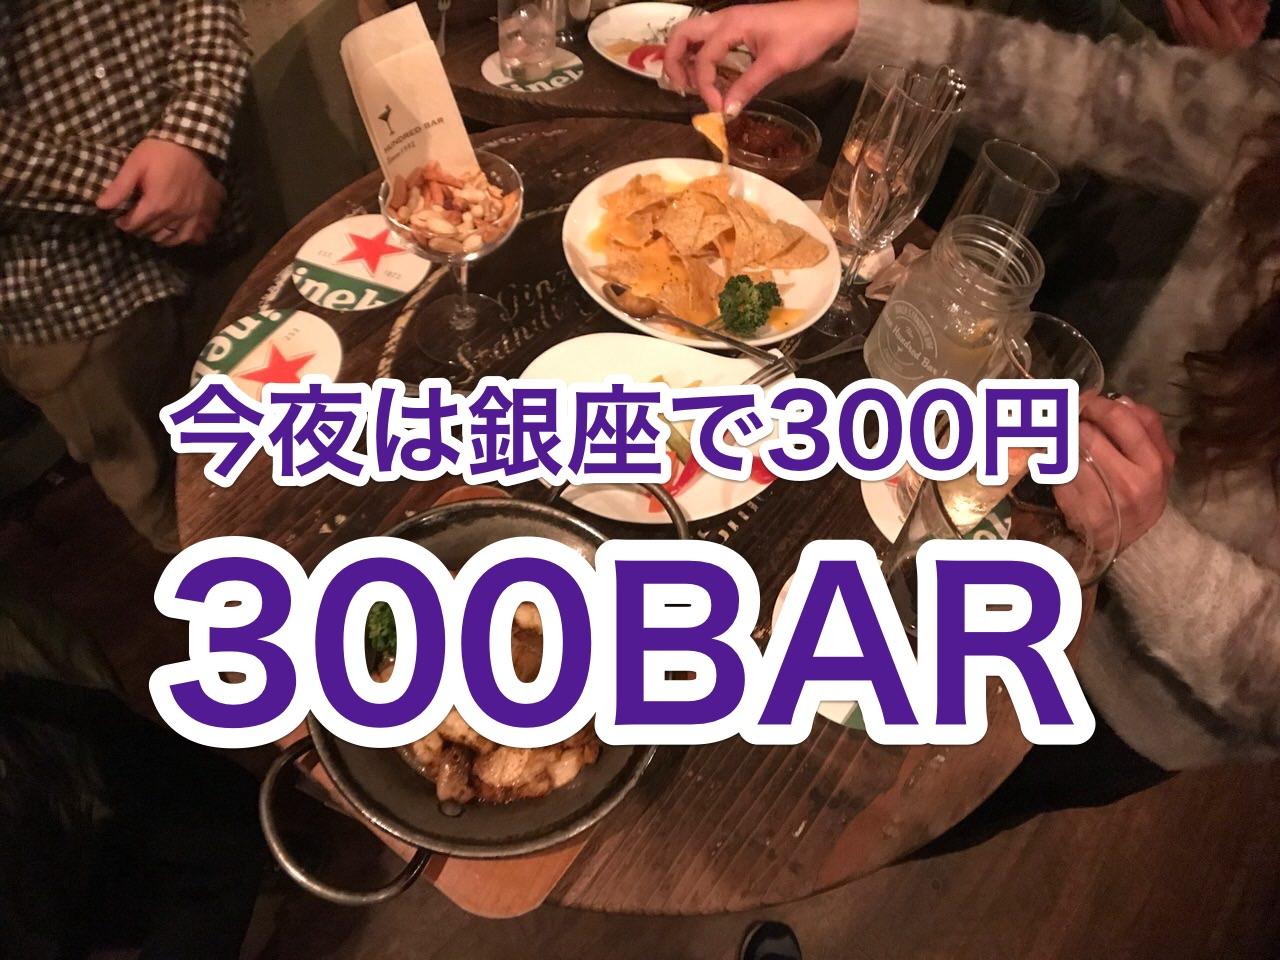 「300BAR」300円均一の立ち呑みが銀座にあった!